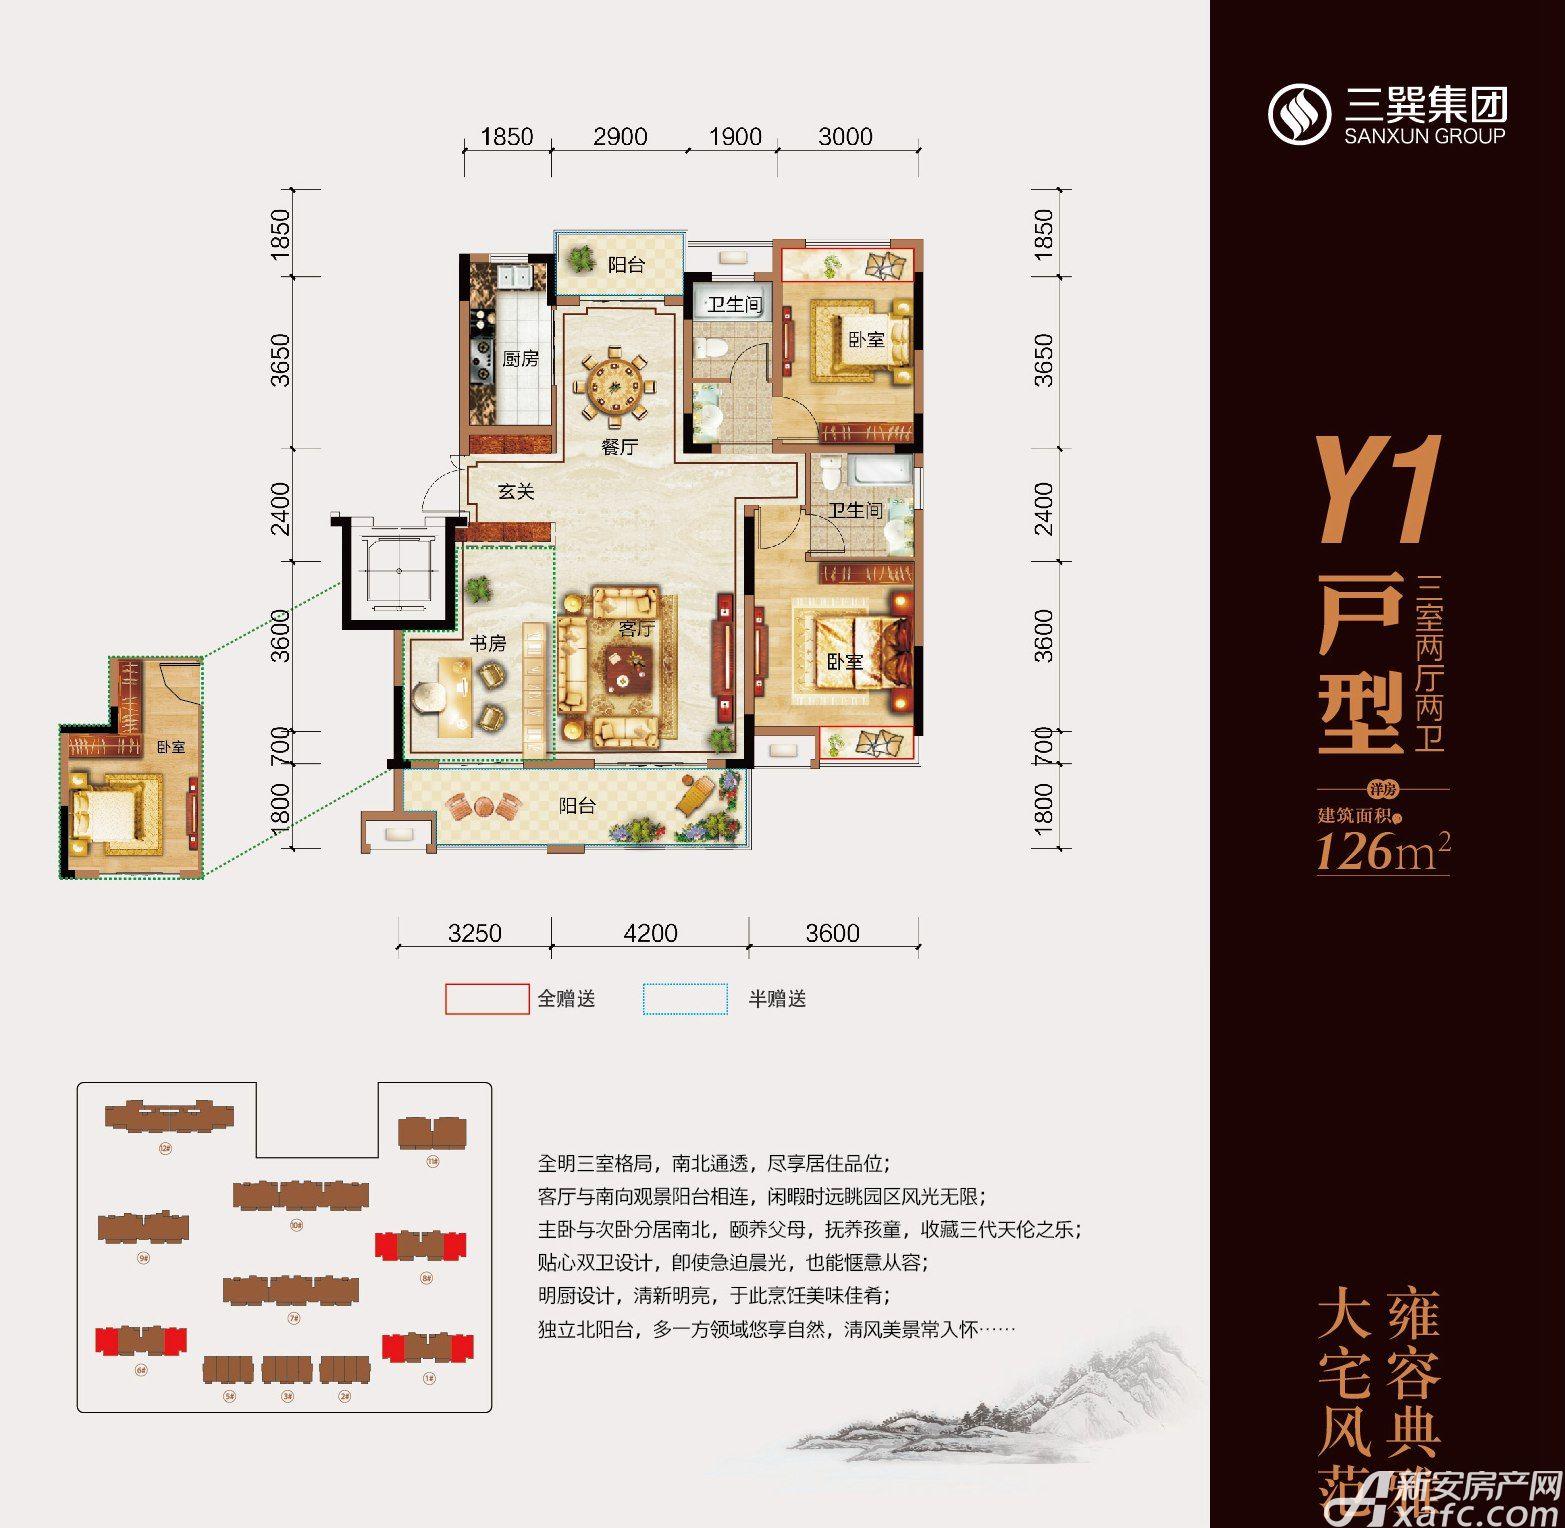 三巽亳公馆Y1户型3室2厅126平米